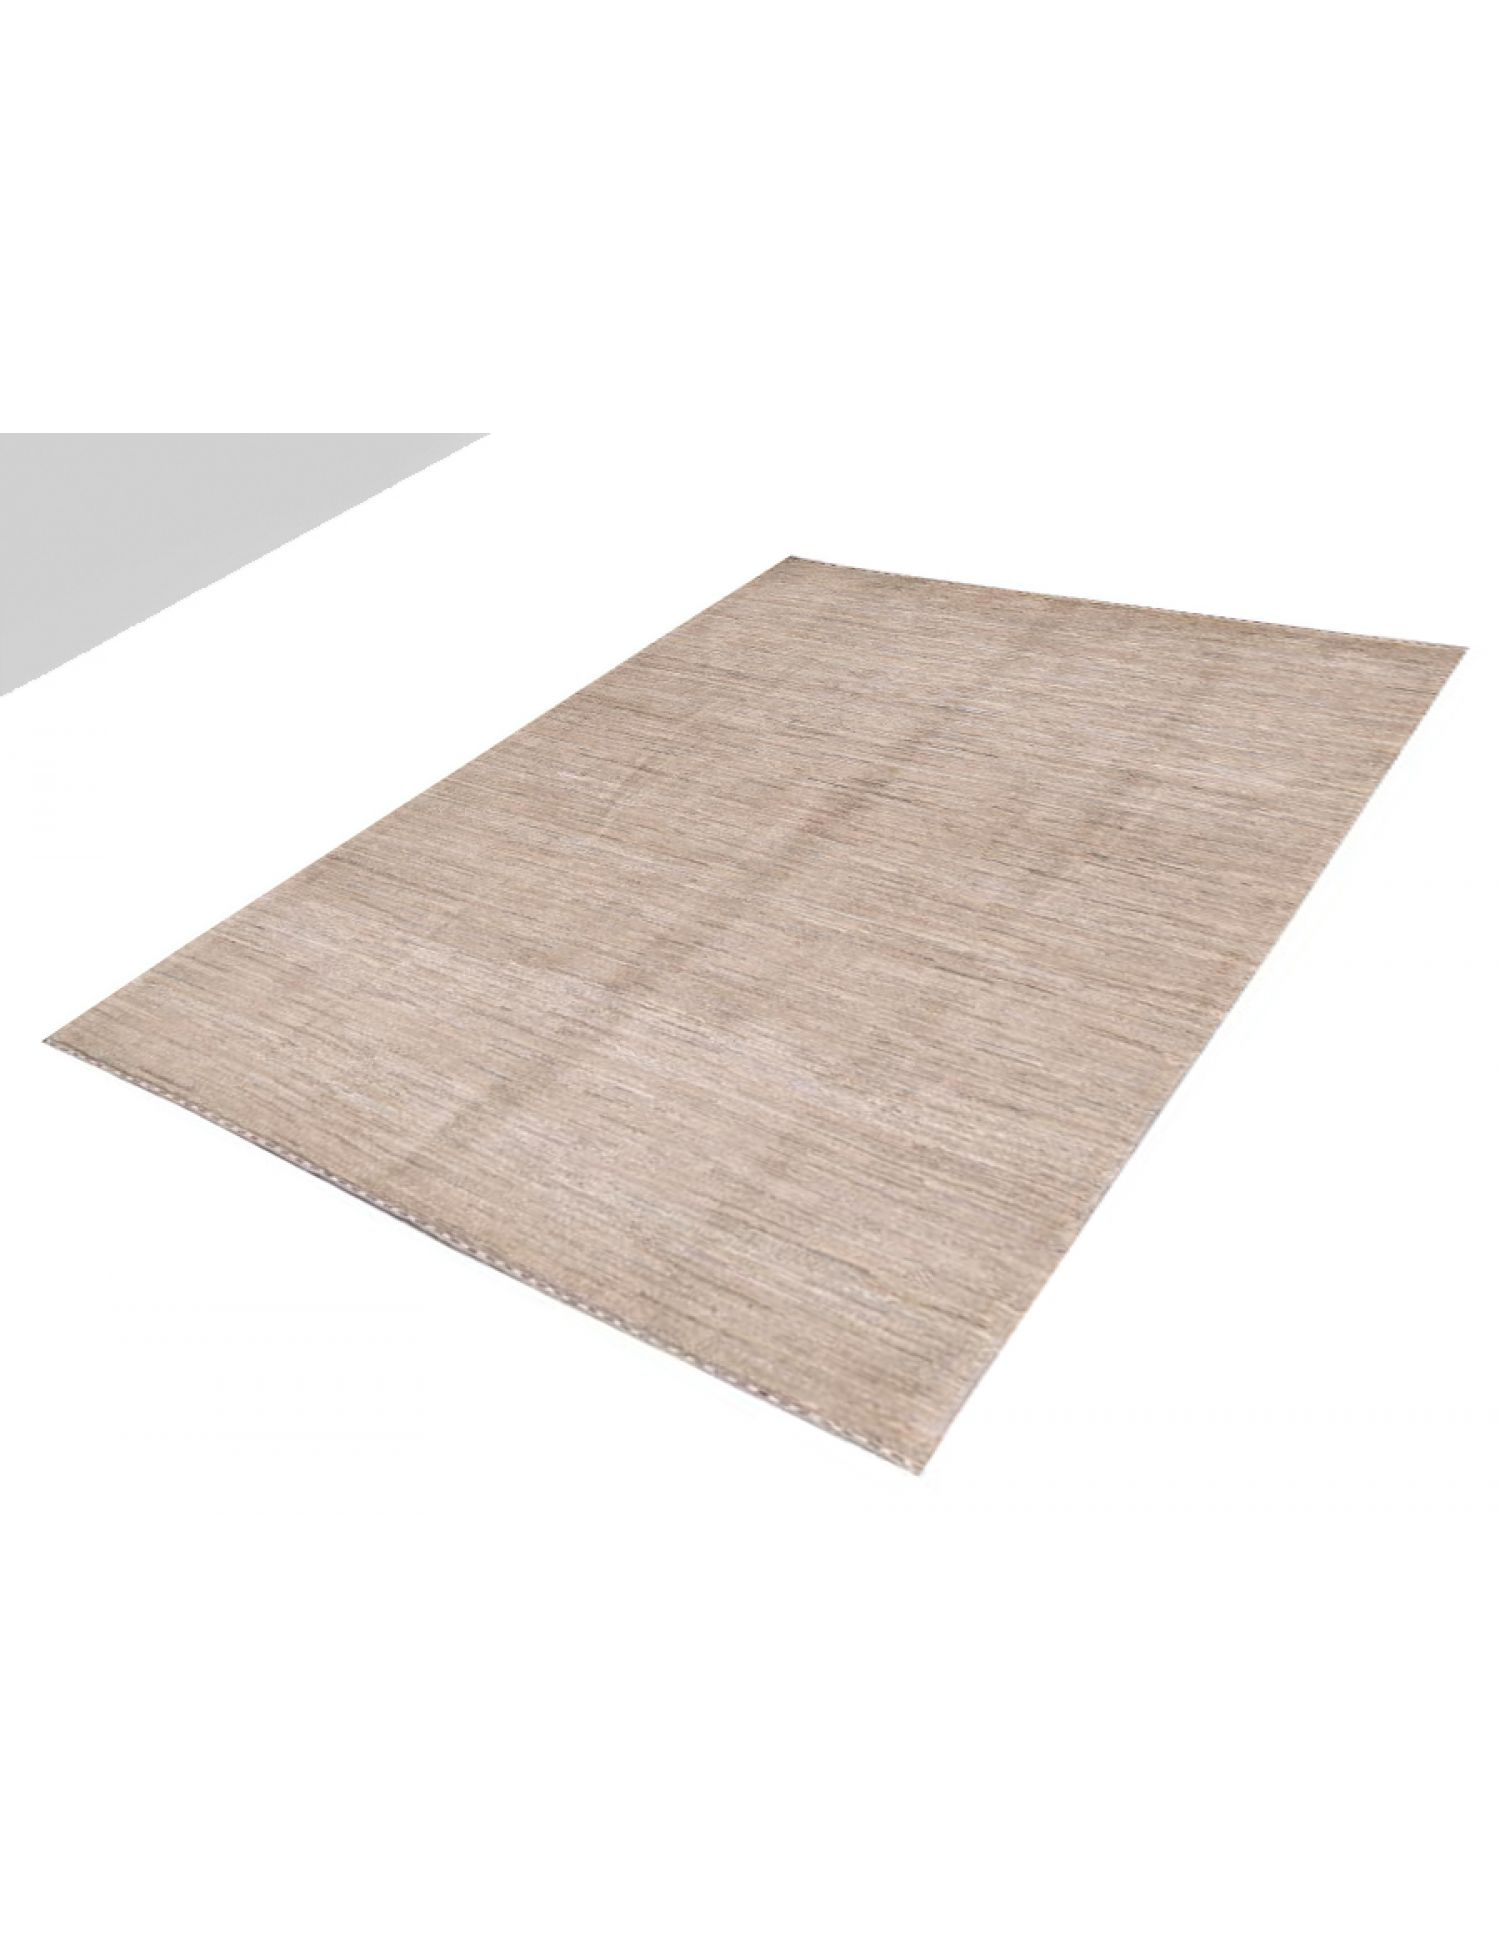 Moderne Teppiche   <br/>290 x 225 cm